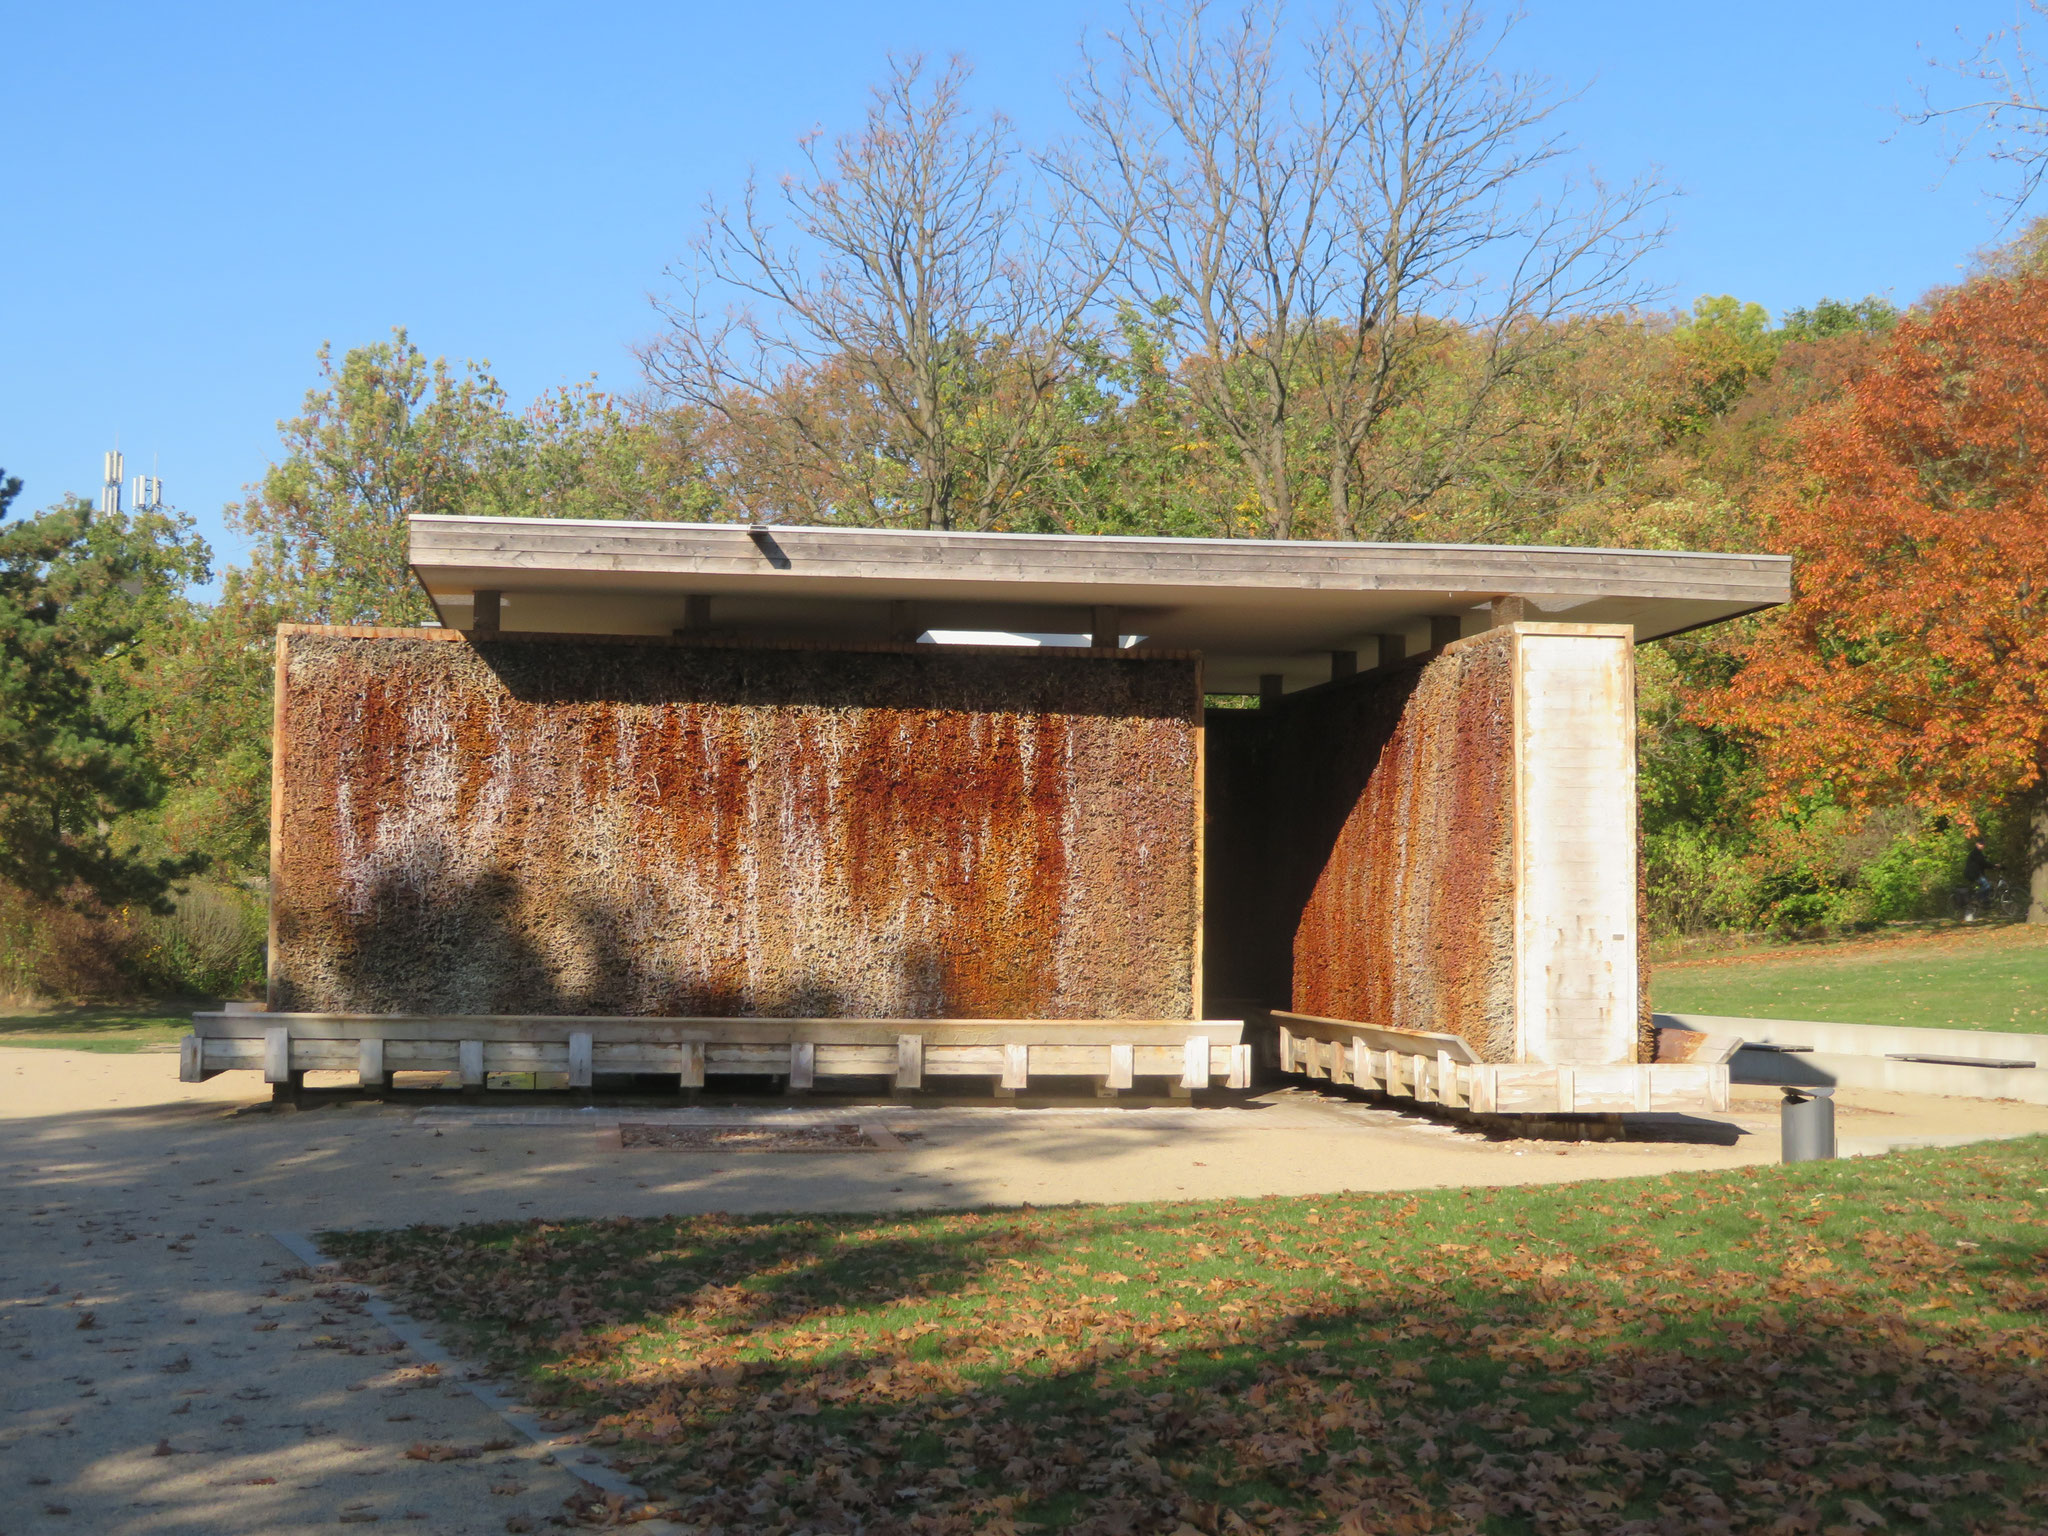 Gradier-Pavillon im Kurpark Bad Lear